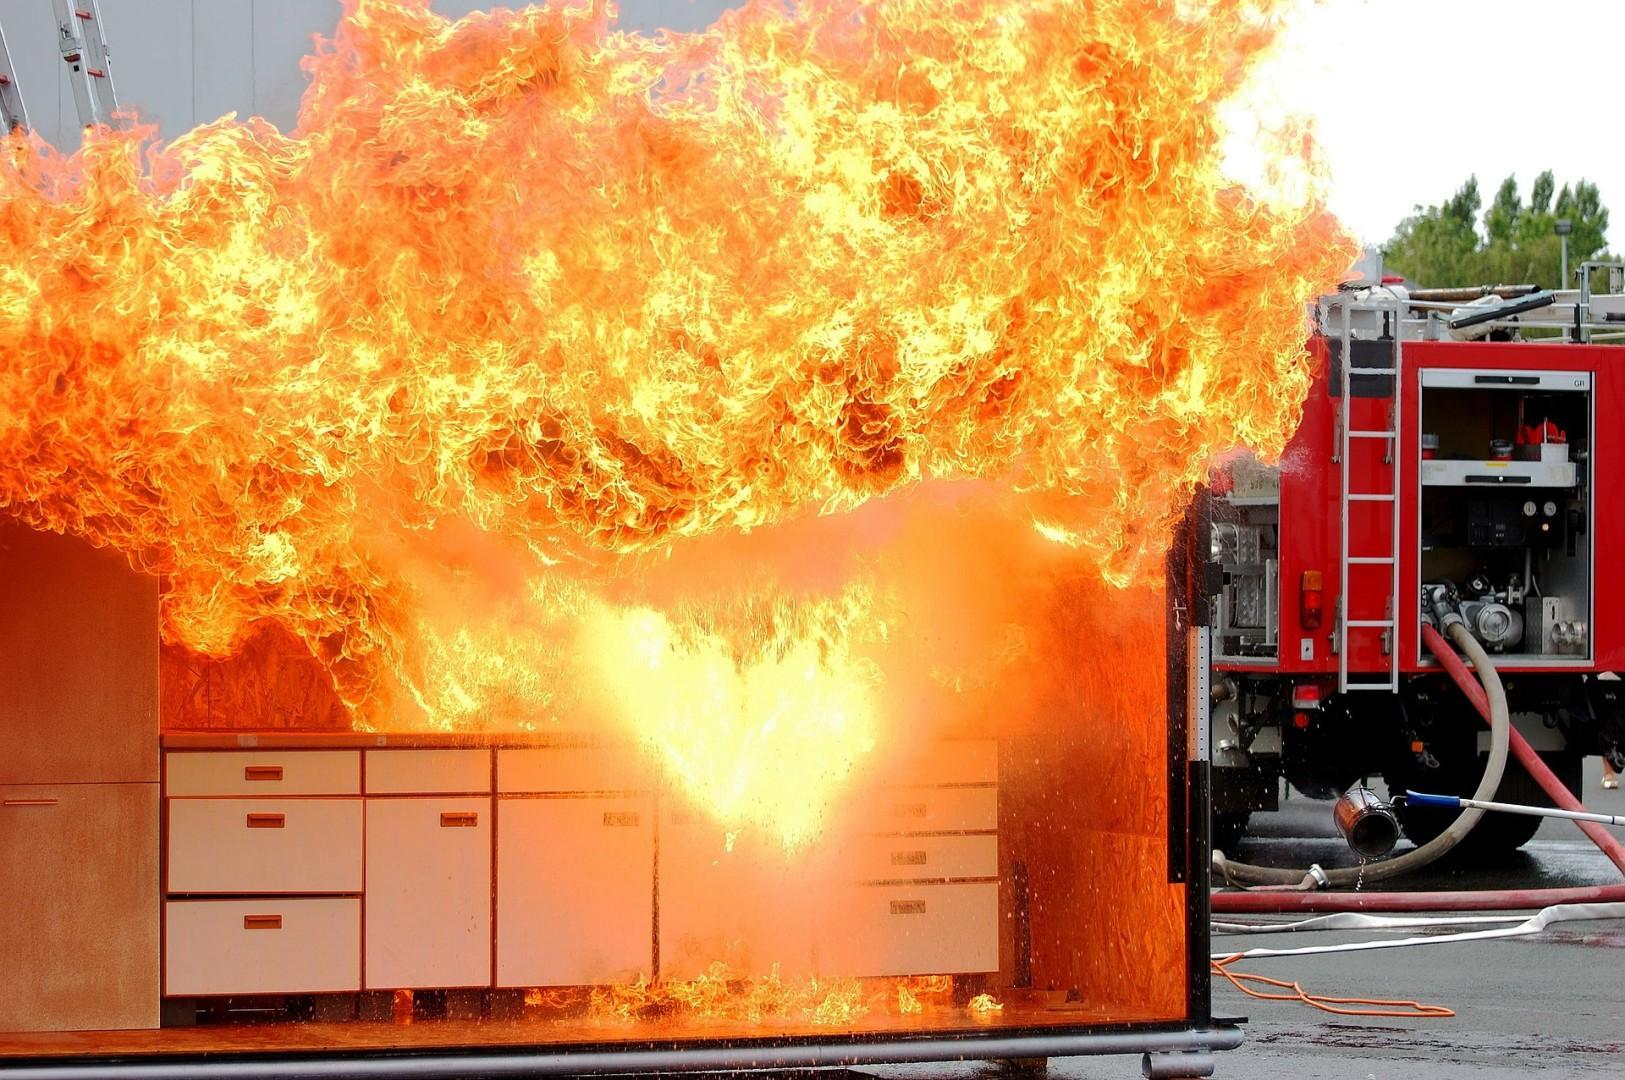 Brennende Küche